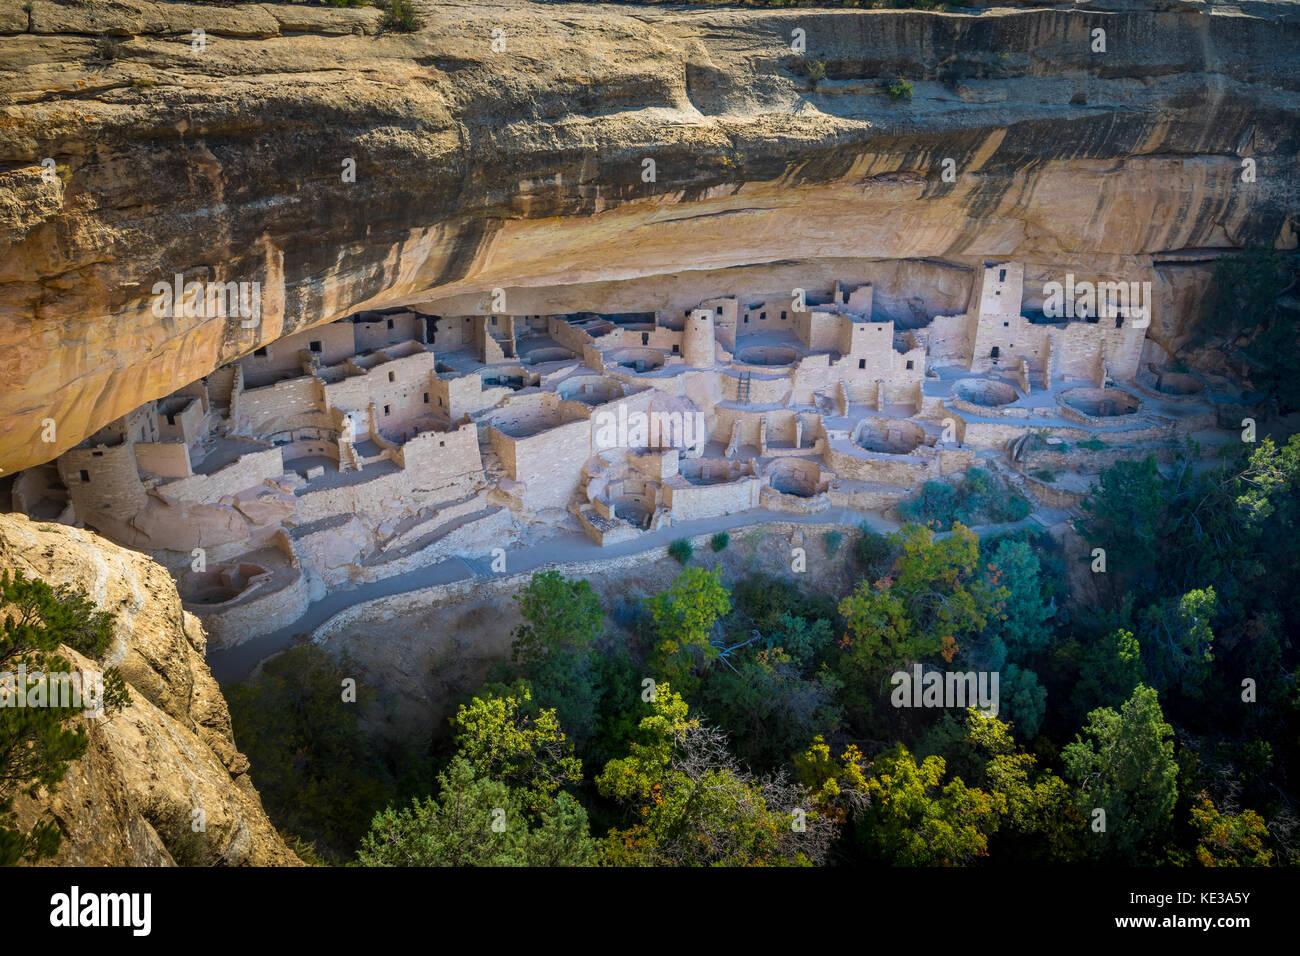 Mesa Verde National Park ist ein Nationalpark und Weltkulturerbe in Montezuma County, Colorado. Stockbild